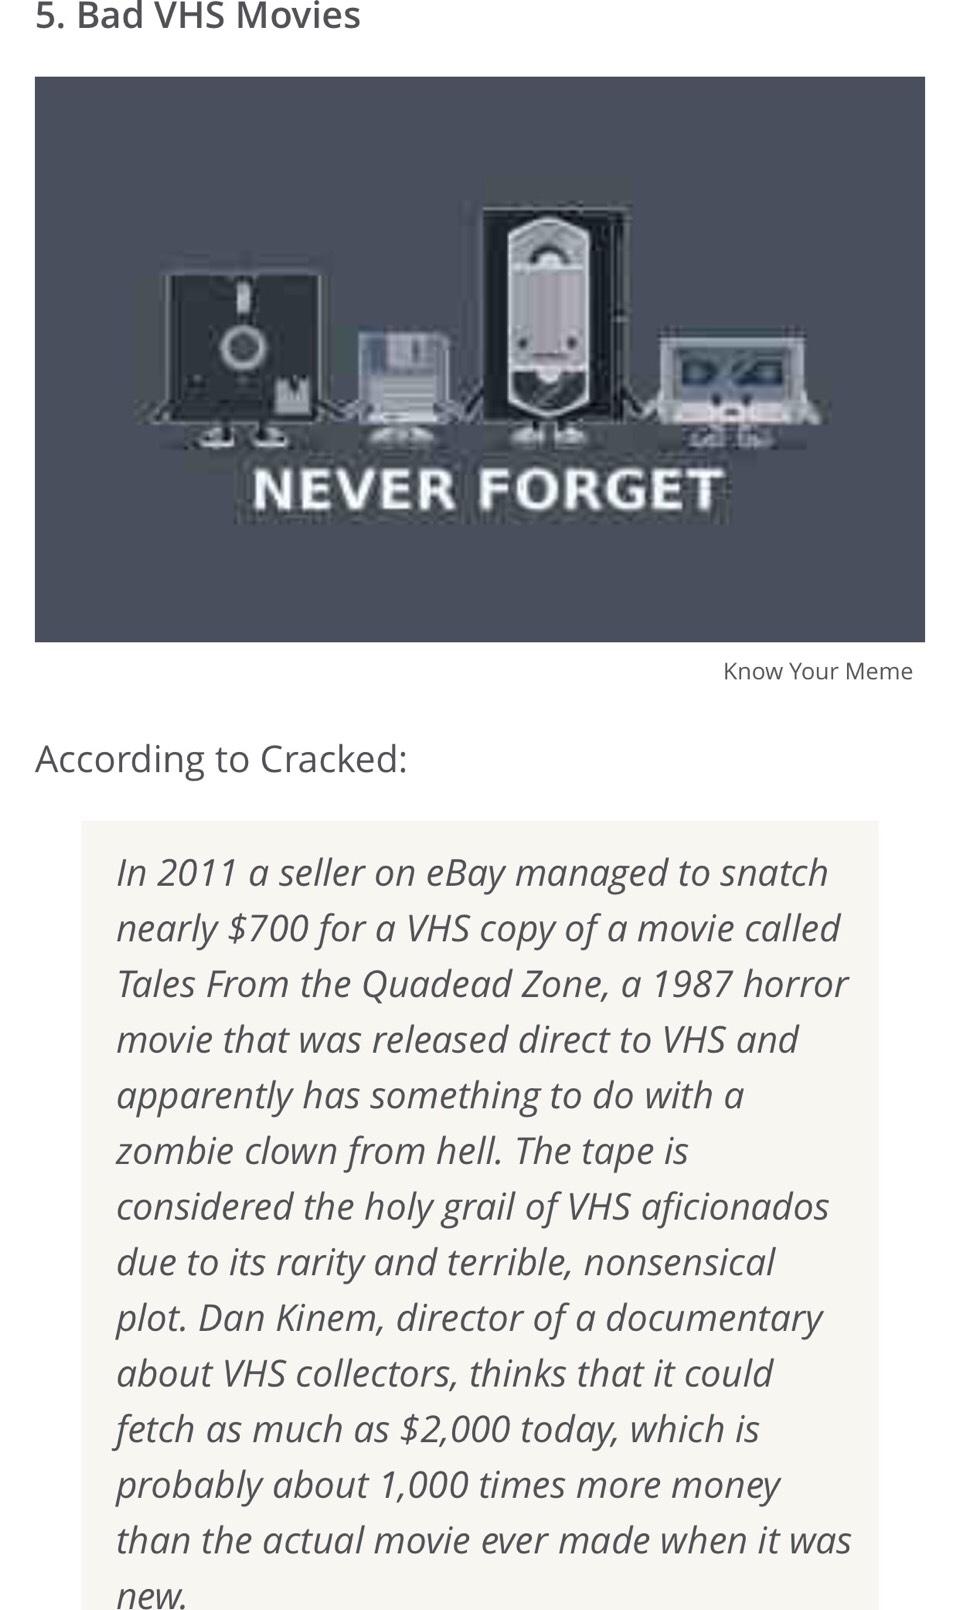 5. Bad VHS Movies